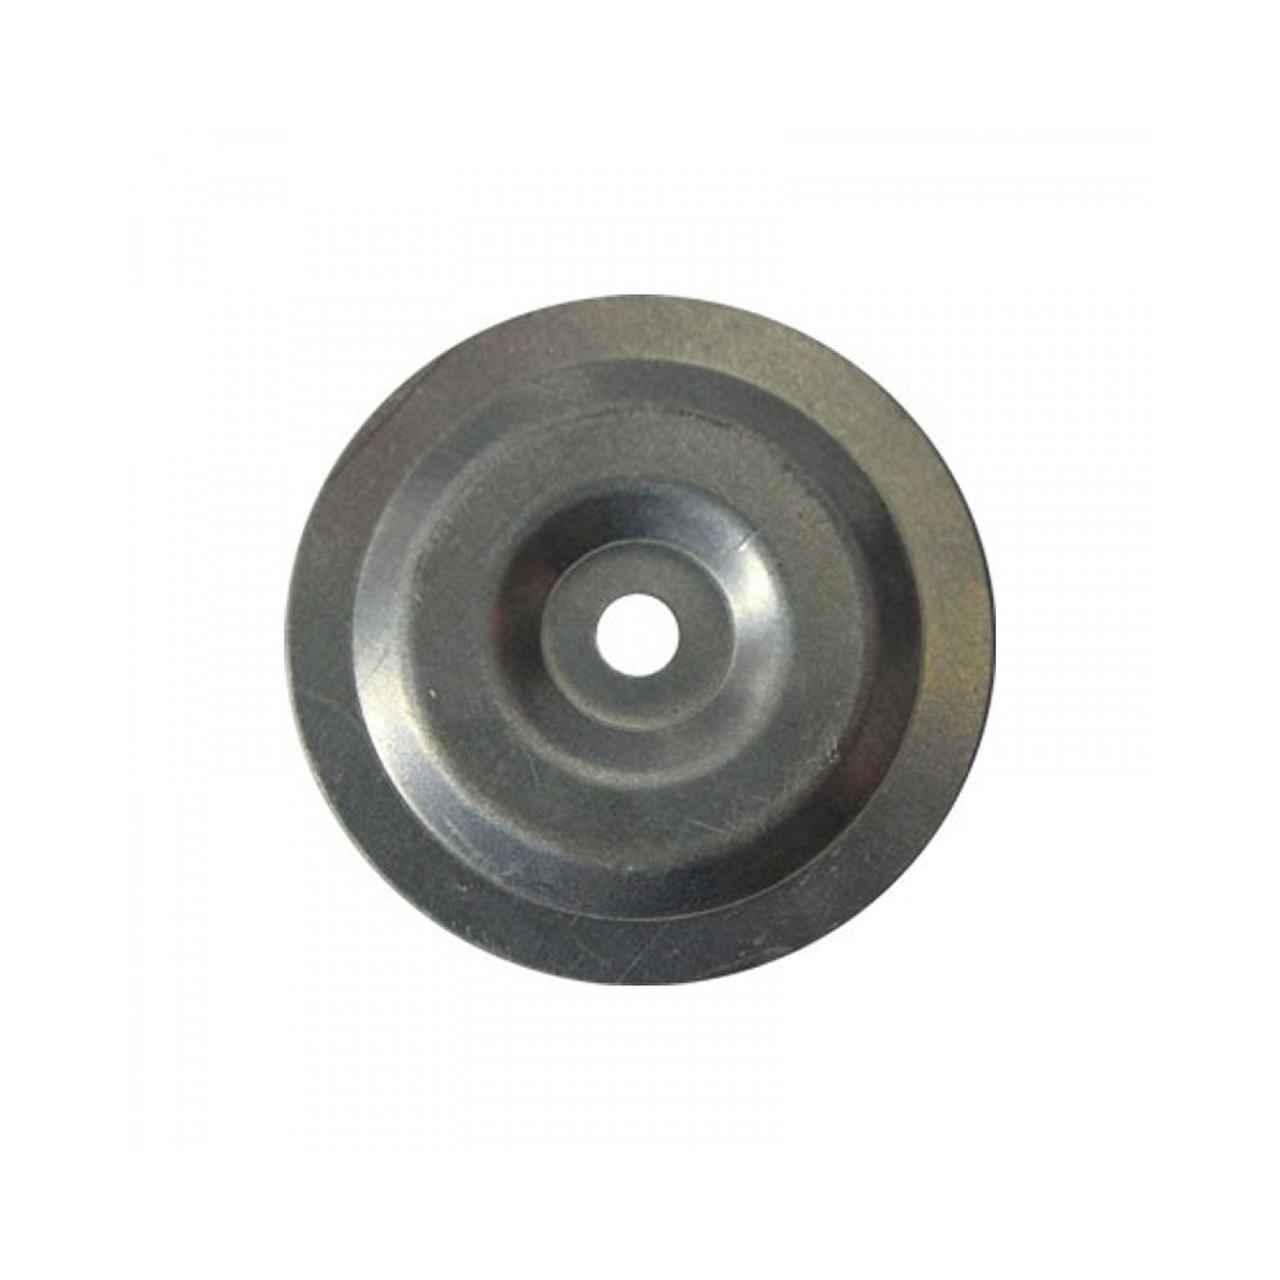 Шайба кровельная ф 50 мм круглая прижимная оцинкованная